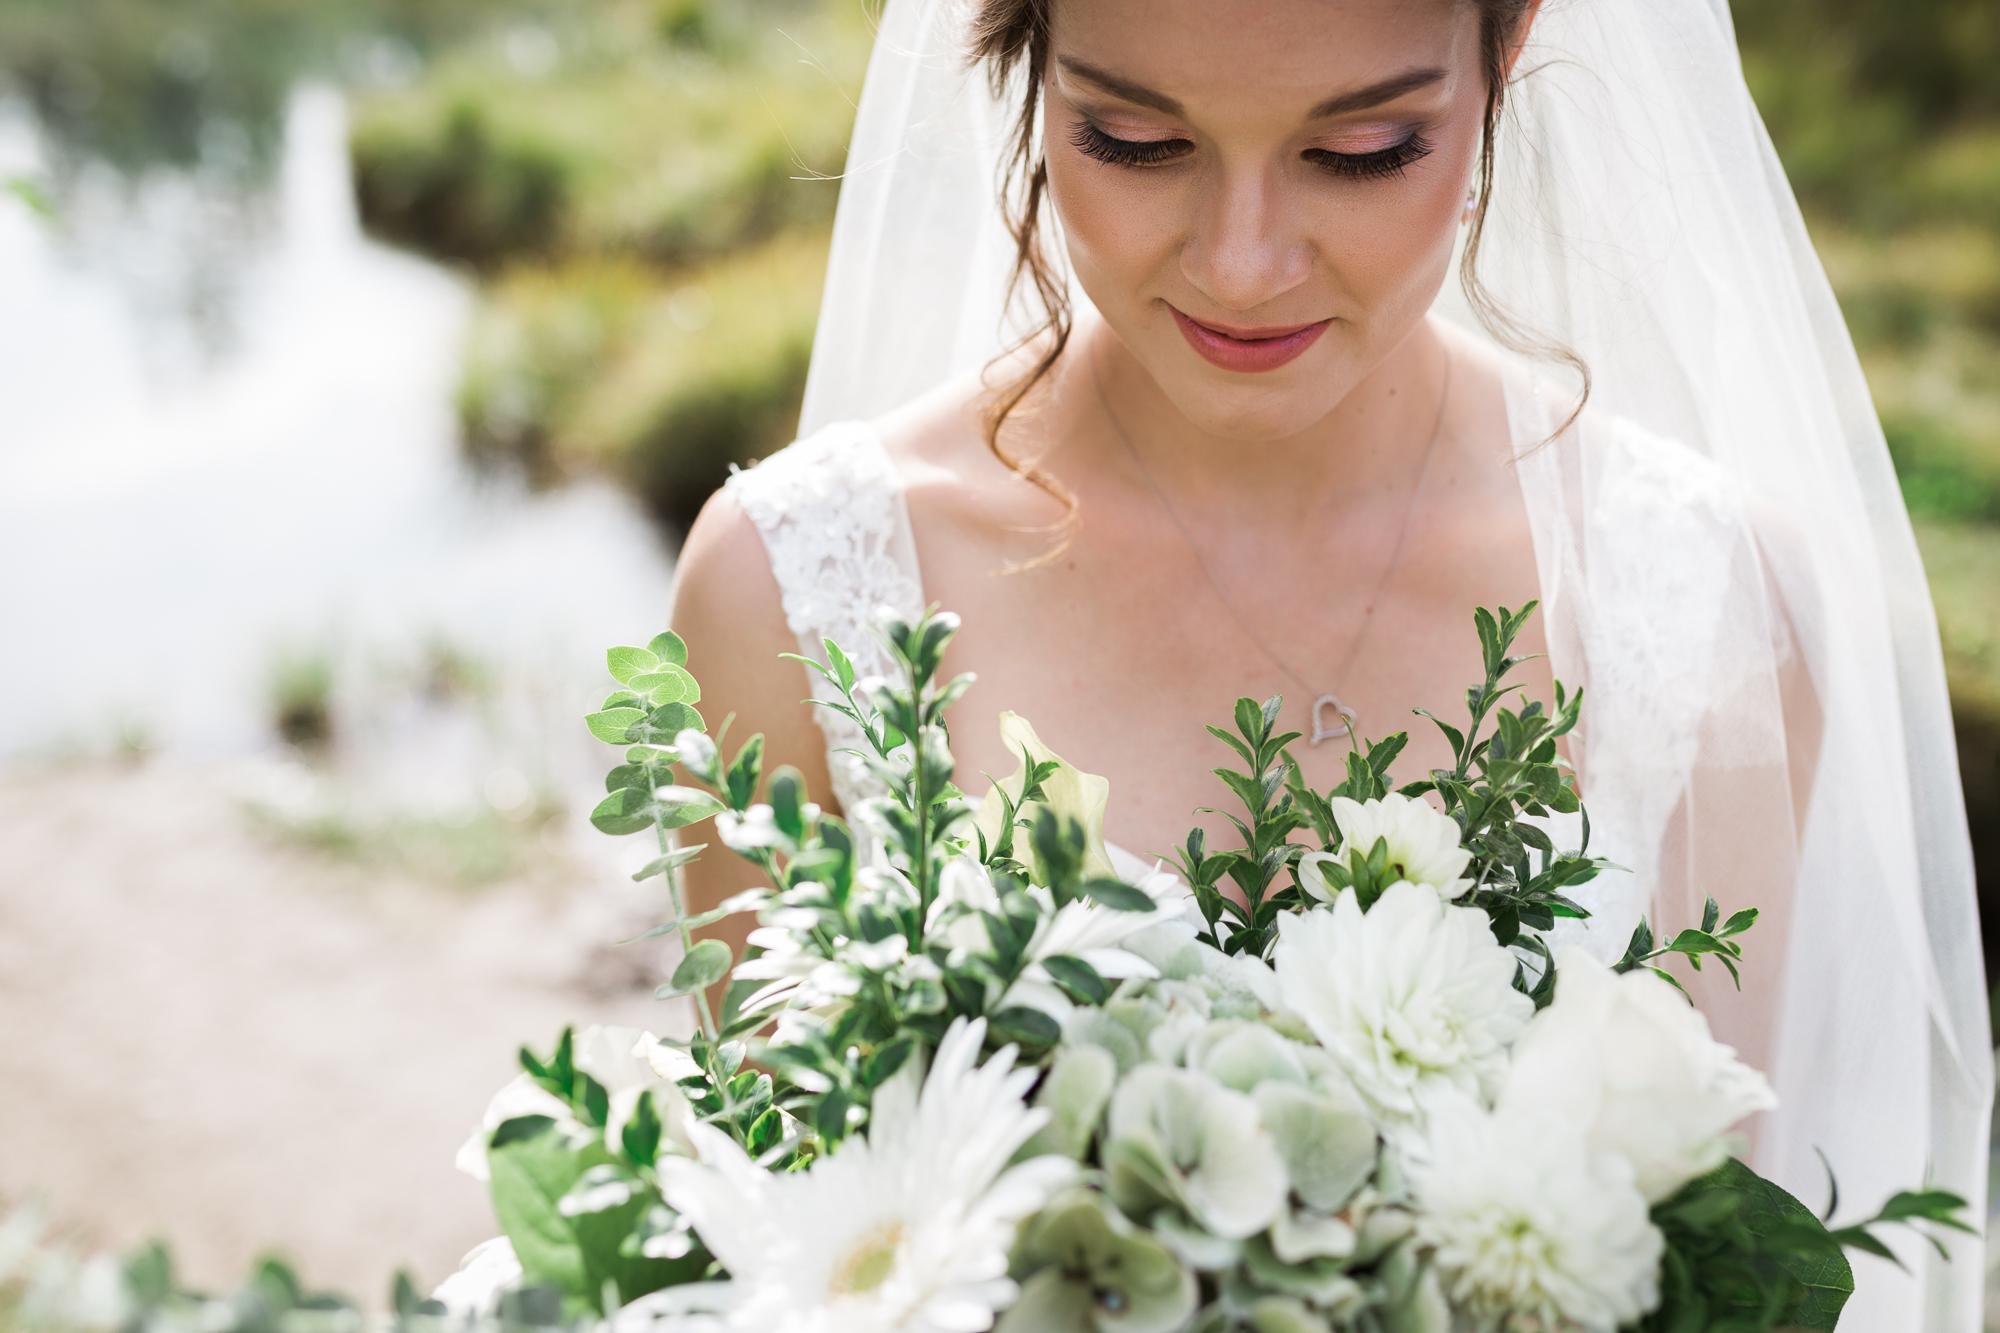 Deanna-Rachel-Photography-calgary-Wedding-photographer-jm-36.jpg